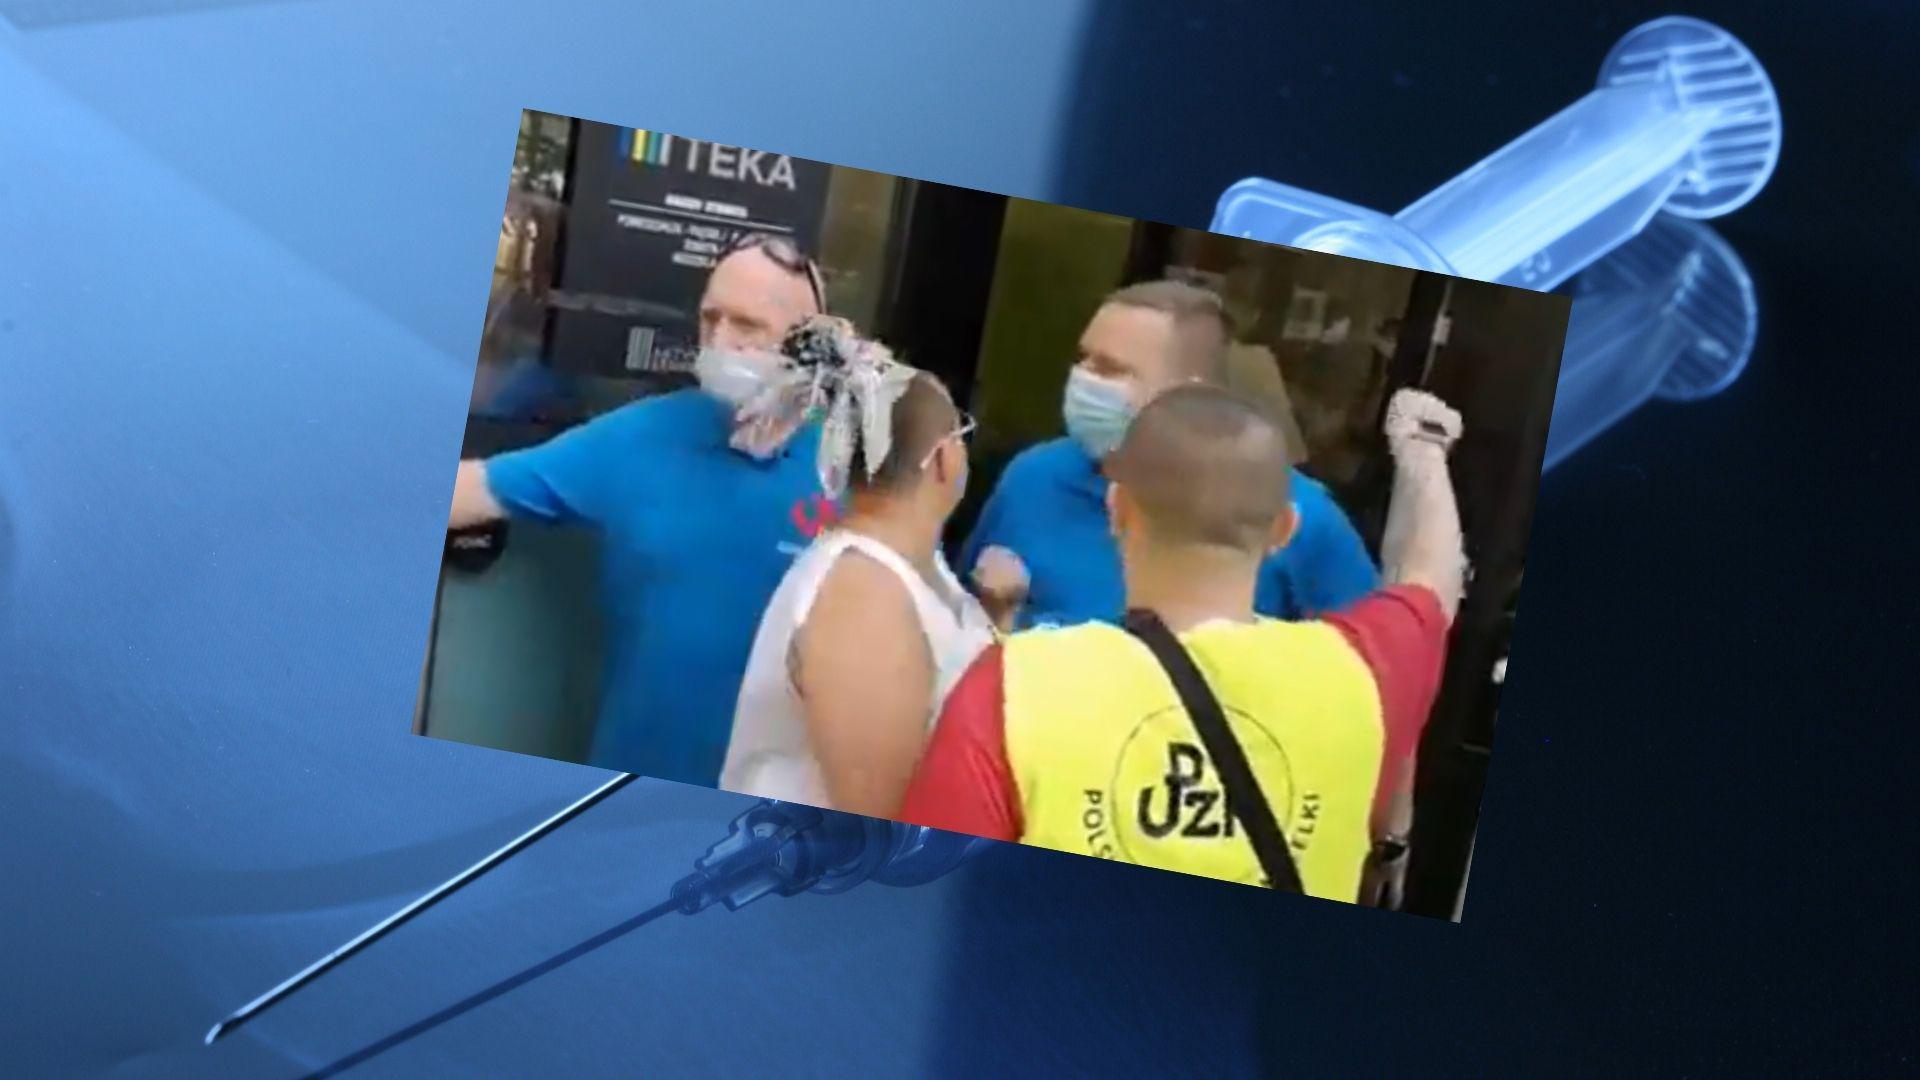 Grodzisk Mazowiecki: antyszczepionkowcy szturmowali punkt szczepień - doszło do rękoczynów! - Warszawa, ESKA.pl